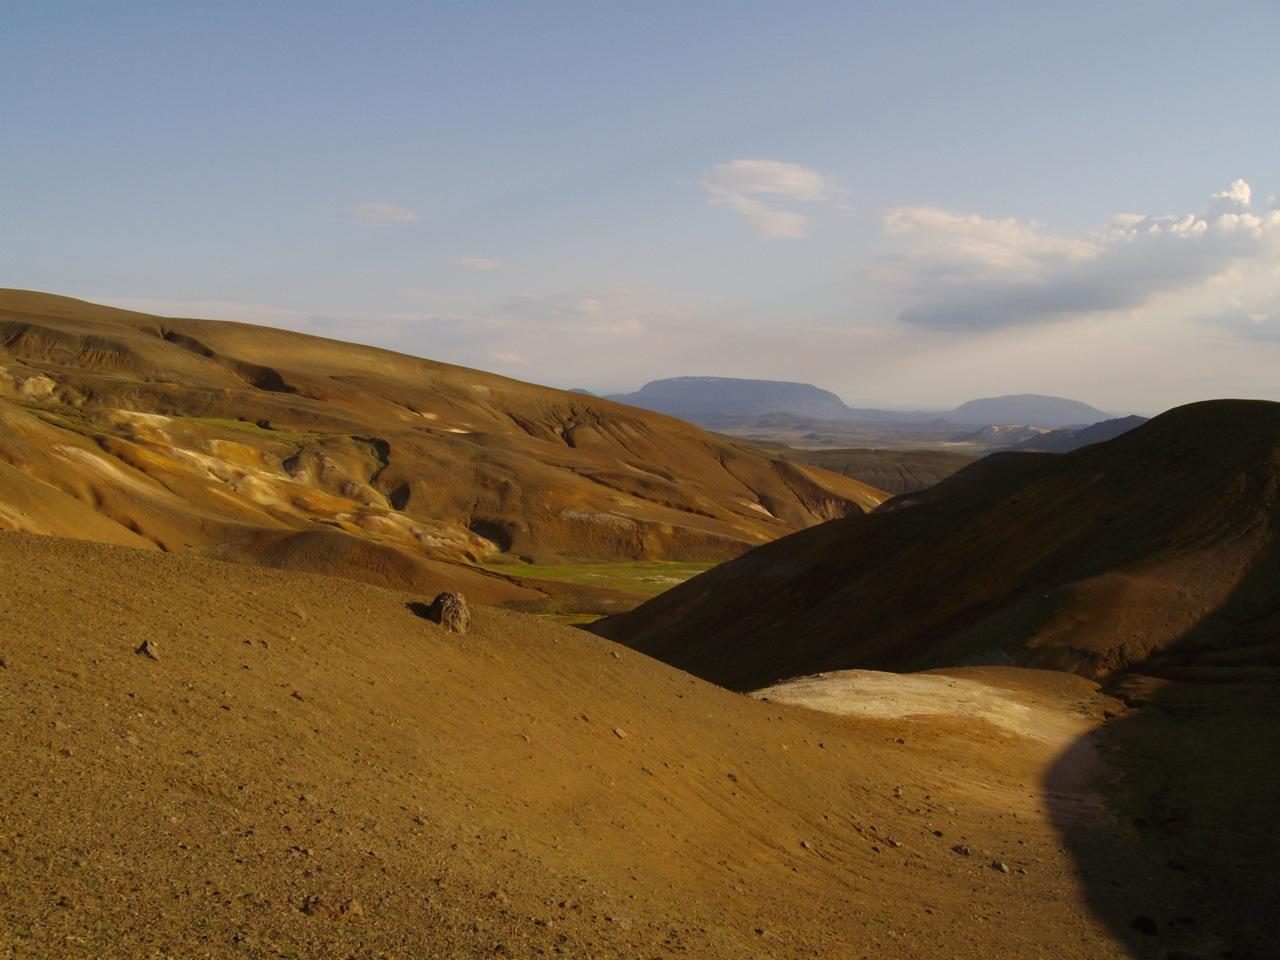 View from Viti